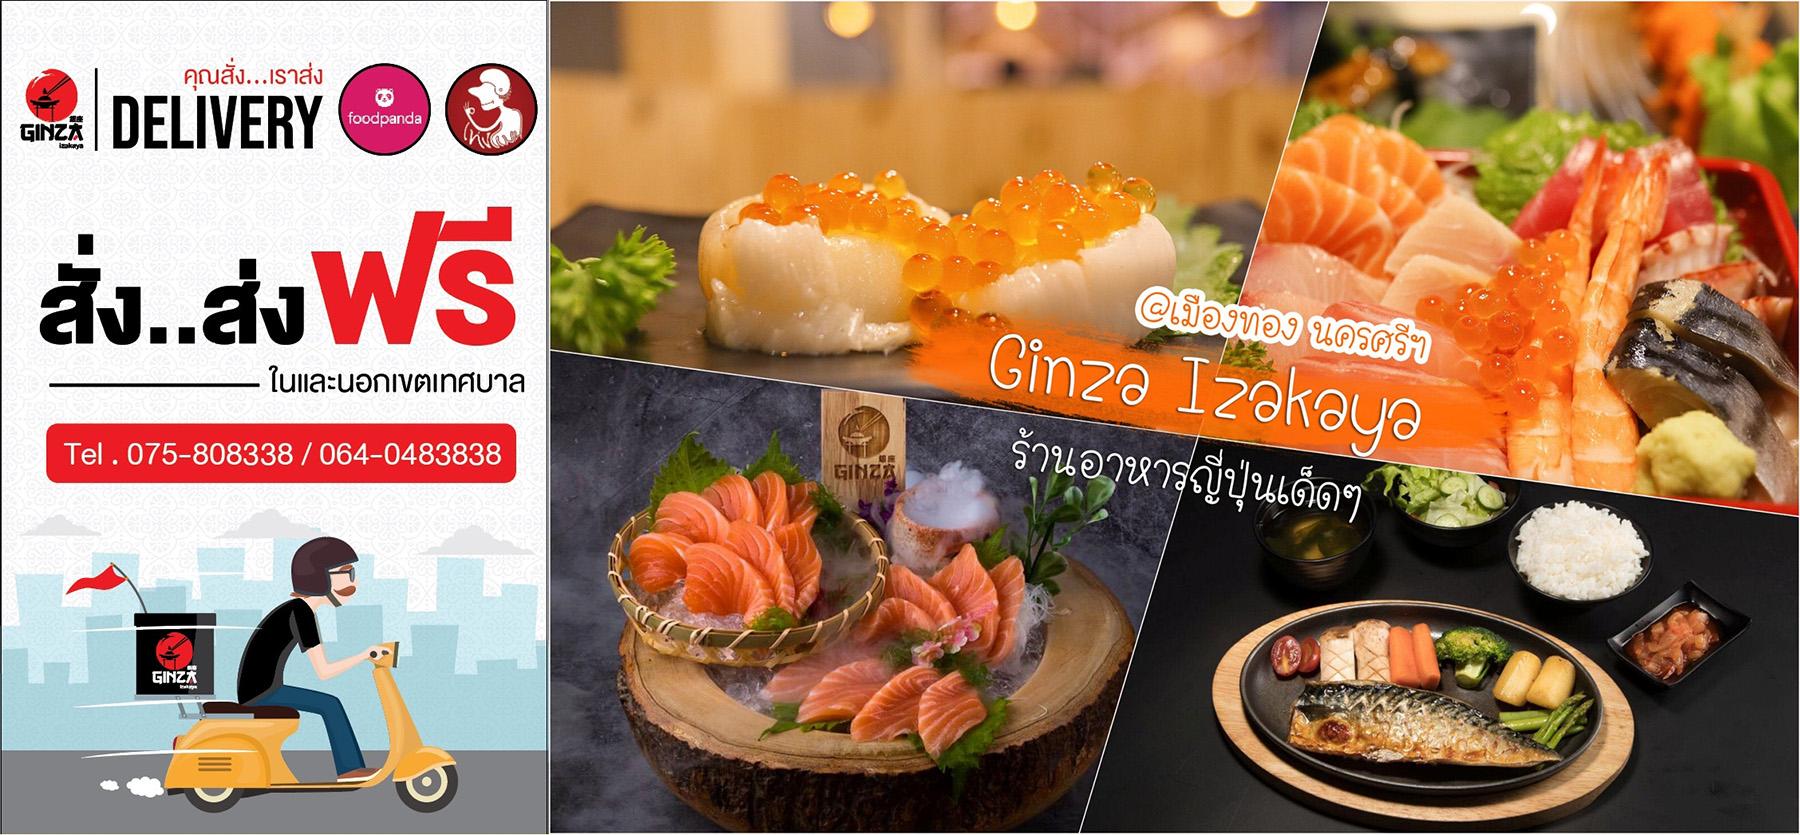 อาหารญี่ปุ่น Delivery นครศรีธรรมราช Ginza Izakaya อร่อยเด็ด